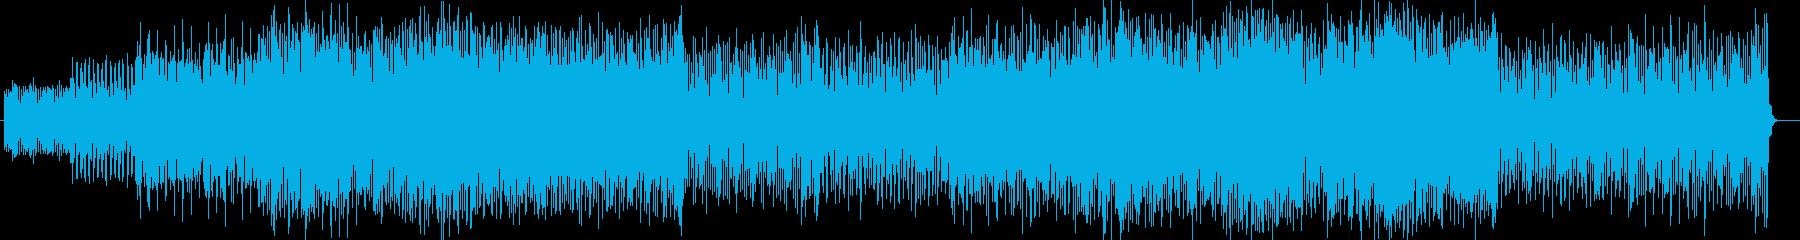 浮遊感と広がりのあるミドルテンポポップスの再生済みの波形